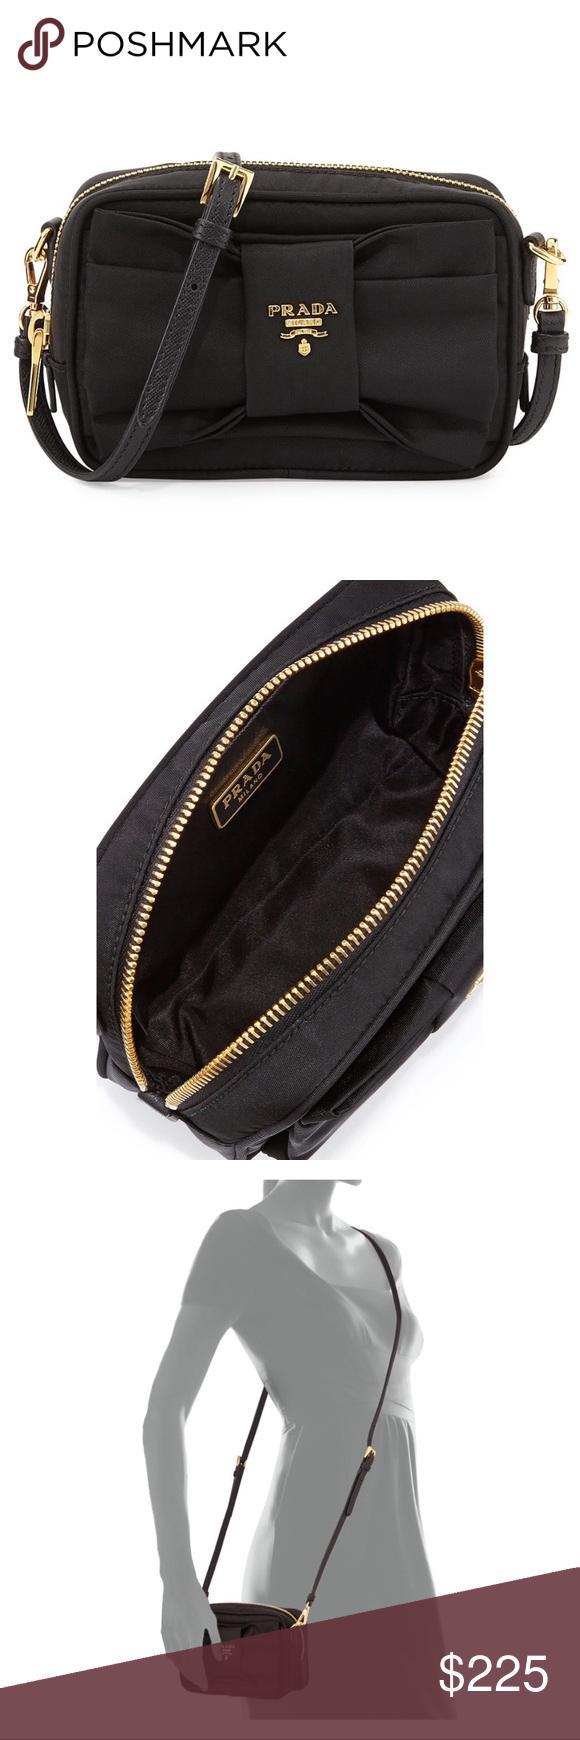 4184de5a0ac7 🖤Prada Tessuto Small Bow Crossbody Bag Black NWOT Prada Crossbody Black Bow  Bag 1N1727 Top